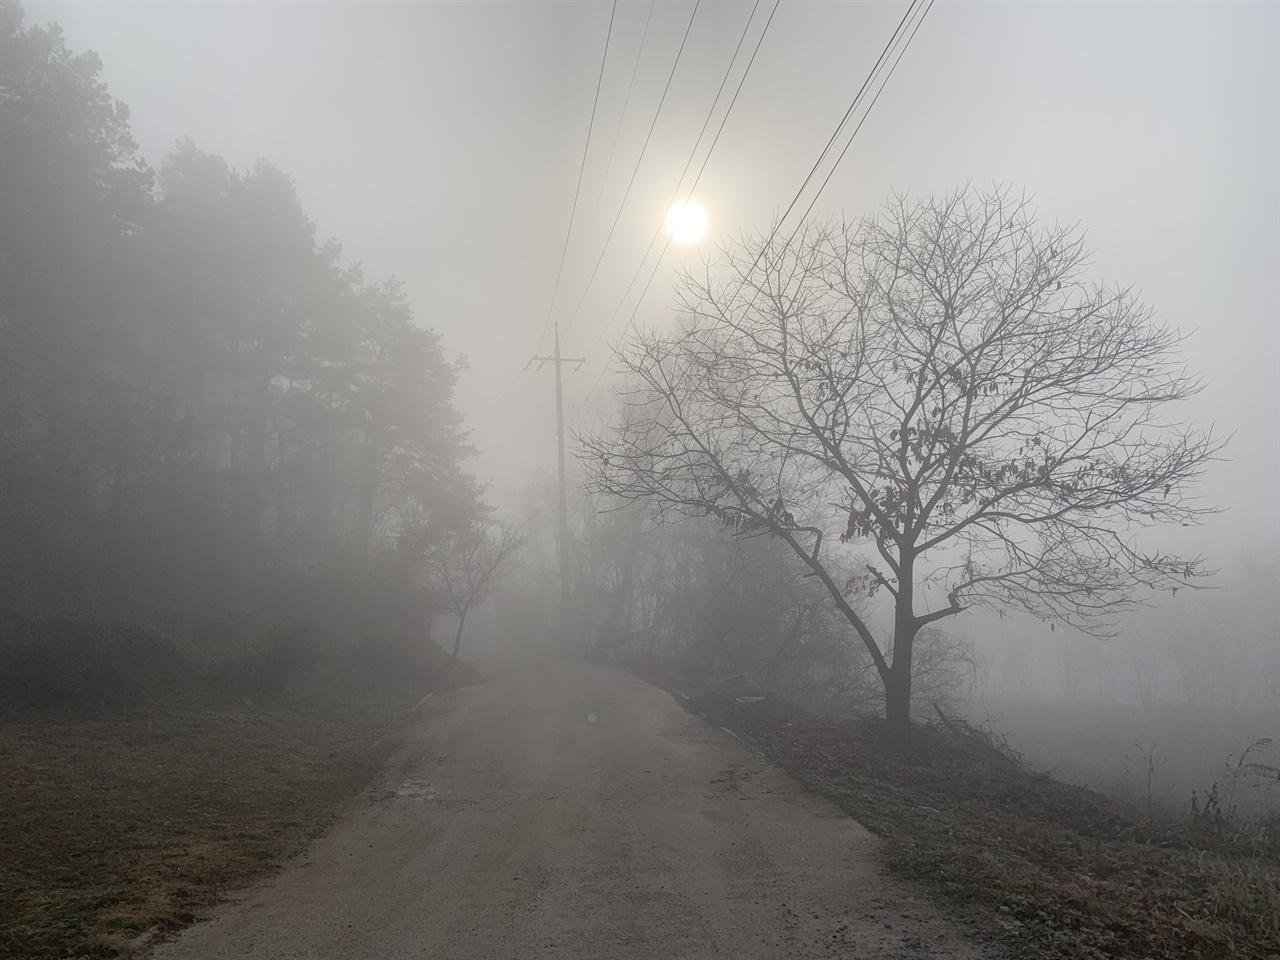 안개 짙은 숲속 아침 풍경 아침에 눈을 떠보니 온세상이 하얬다. 안개로 포샵처리가 된 아름다운 풍경에 홀린듯 무작적 안갯속을 걷기 시작했다.